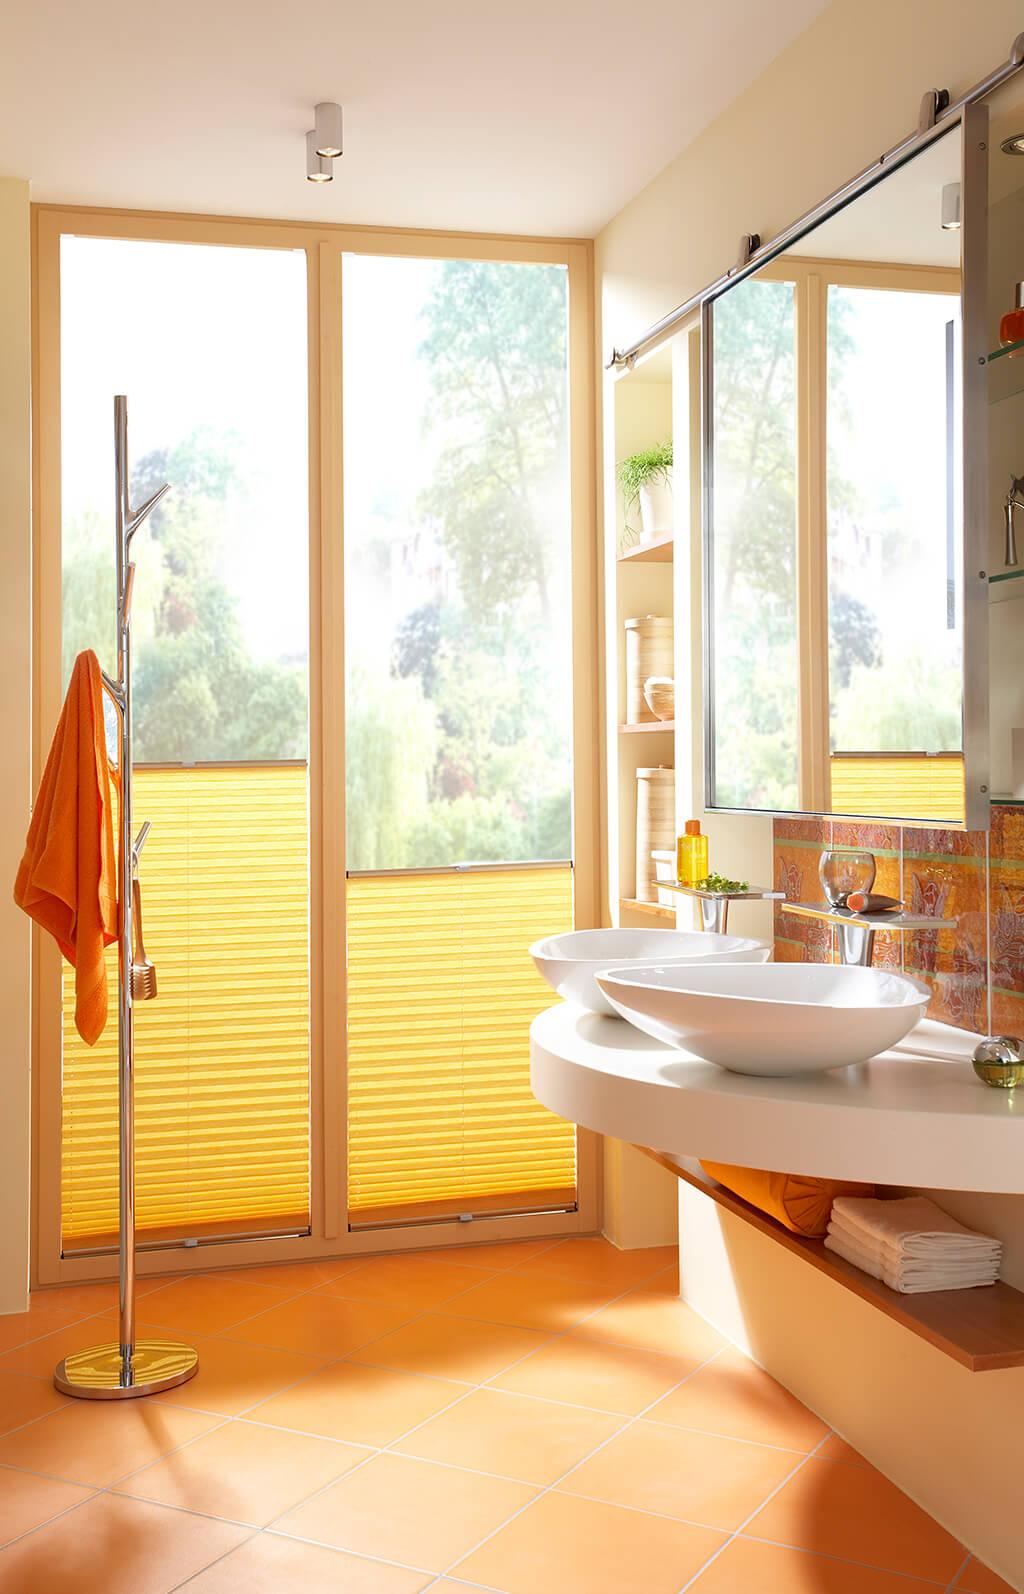 Sichtschutz Im Bad   Plissees Und Rollos Für Badezimmer   Sichtschutz Für  Badezimmerfenster